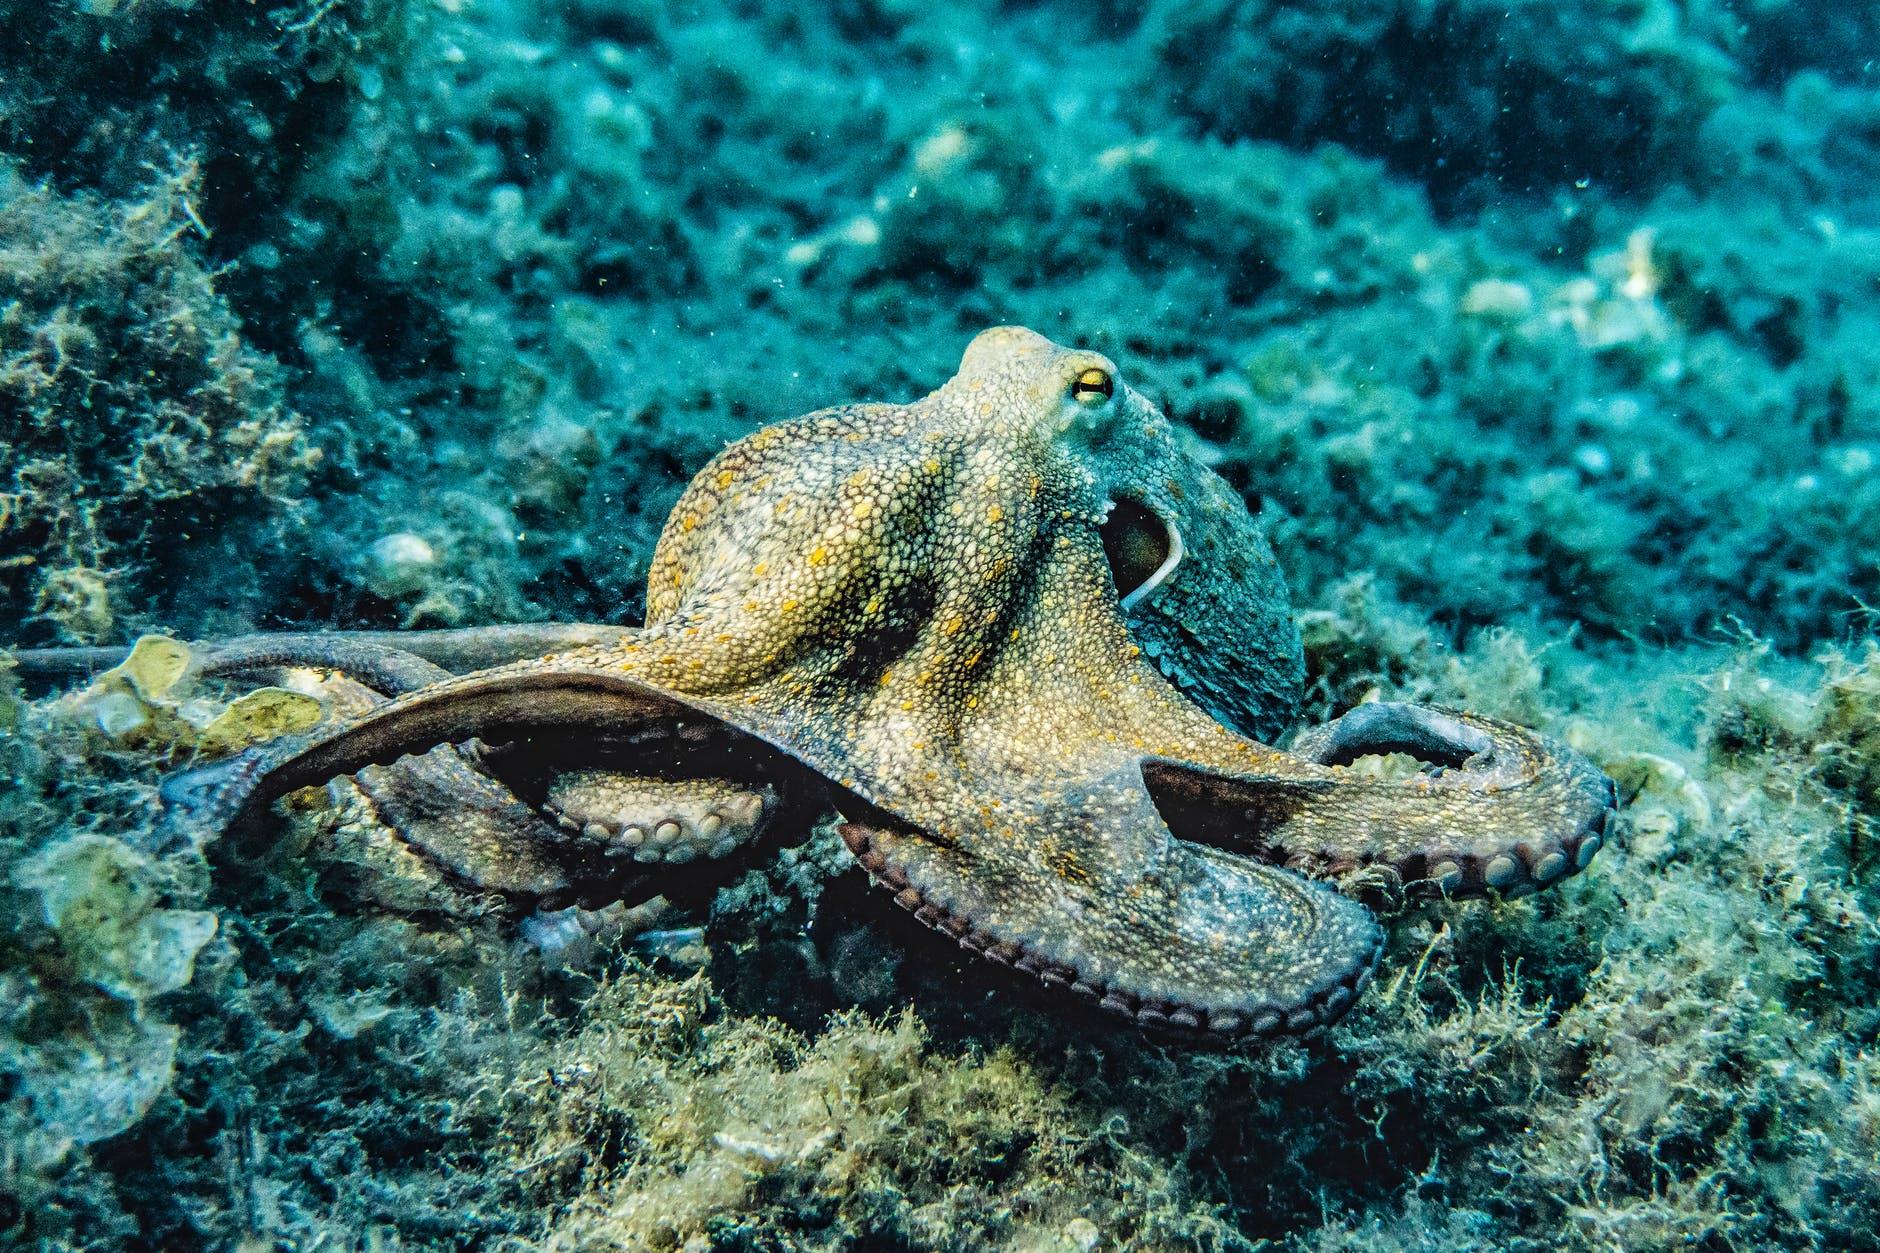 'My Octopus Teacher' Wins Oscar for Best Documentary Feature